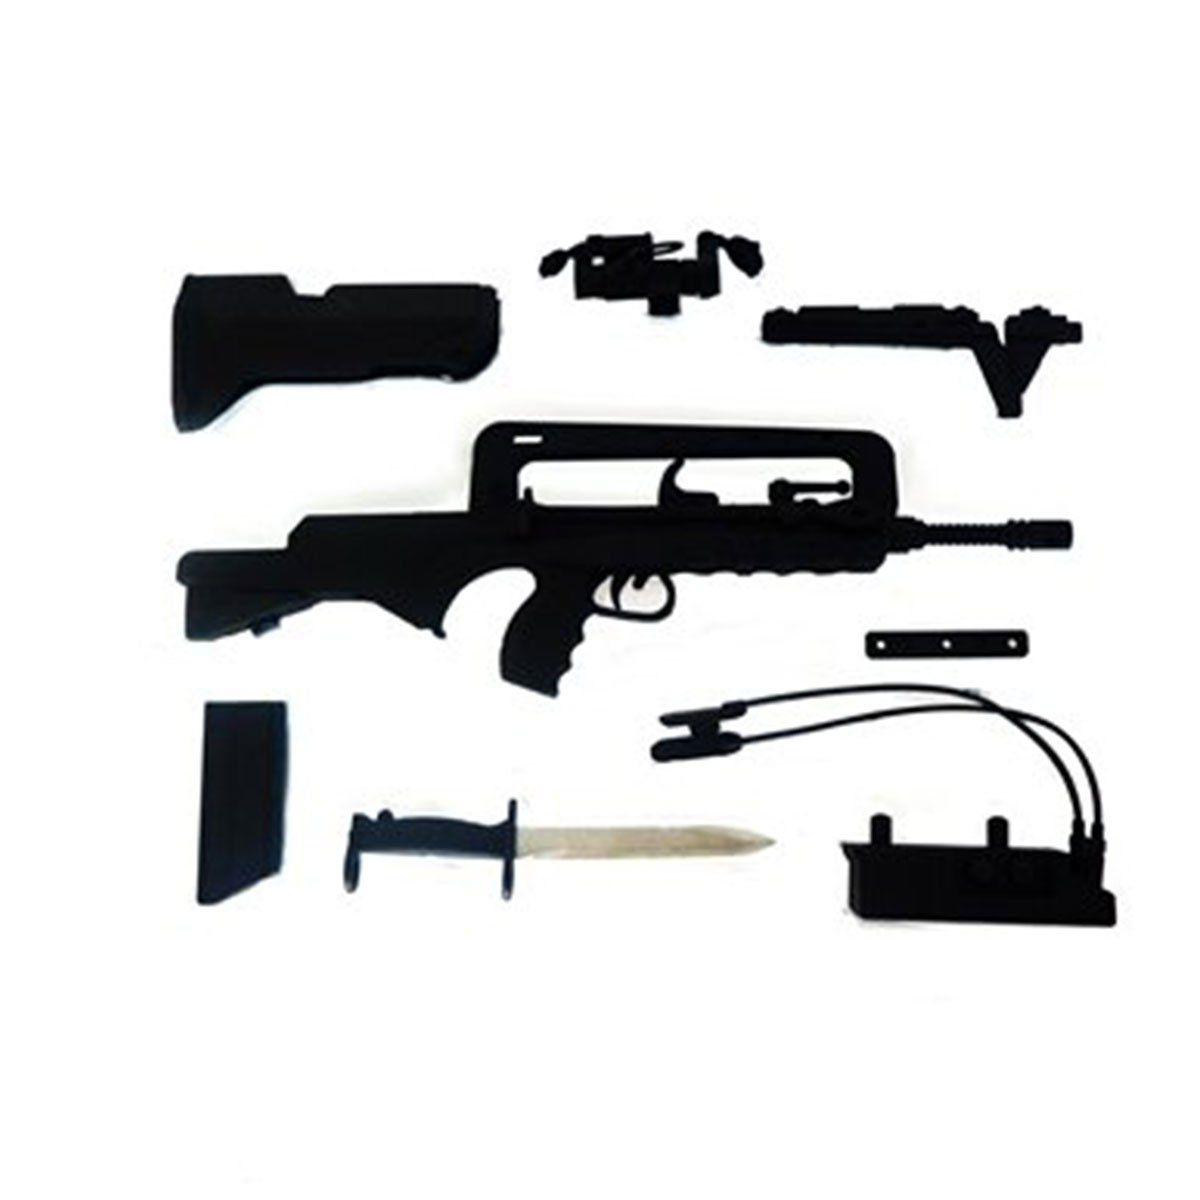 Miniatura Rifle Famas Preta 16 cm